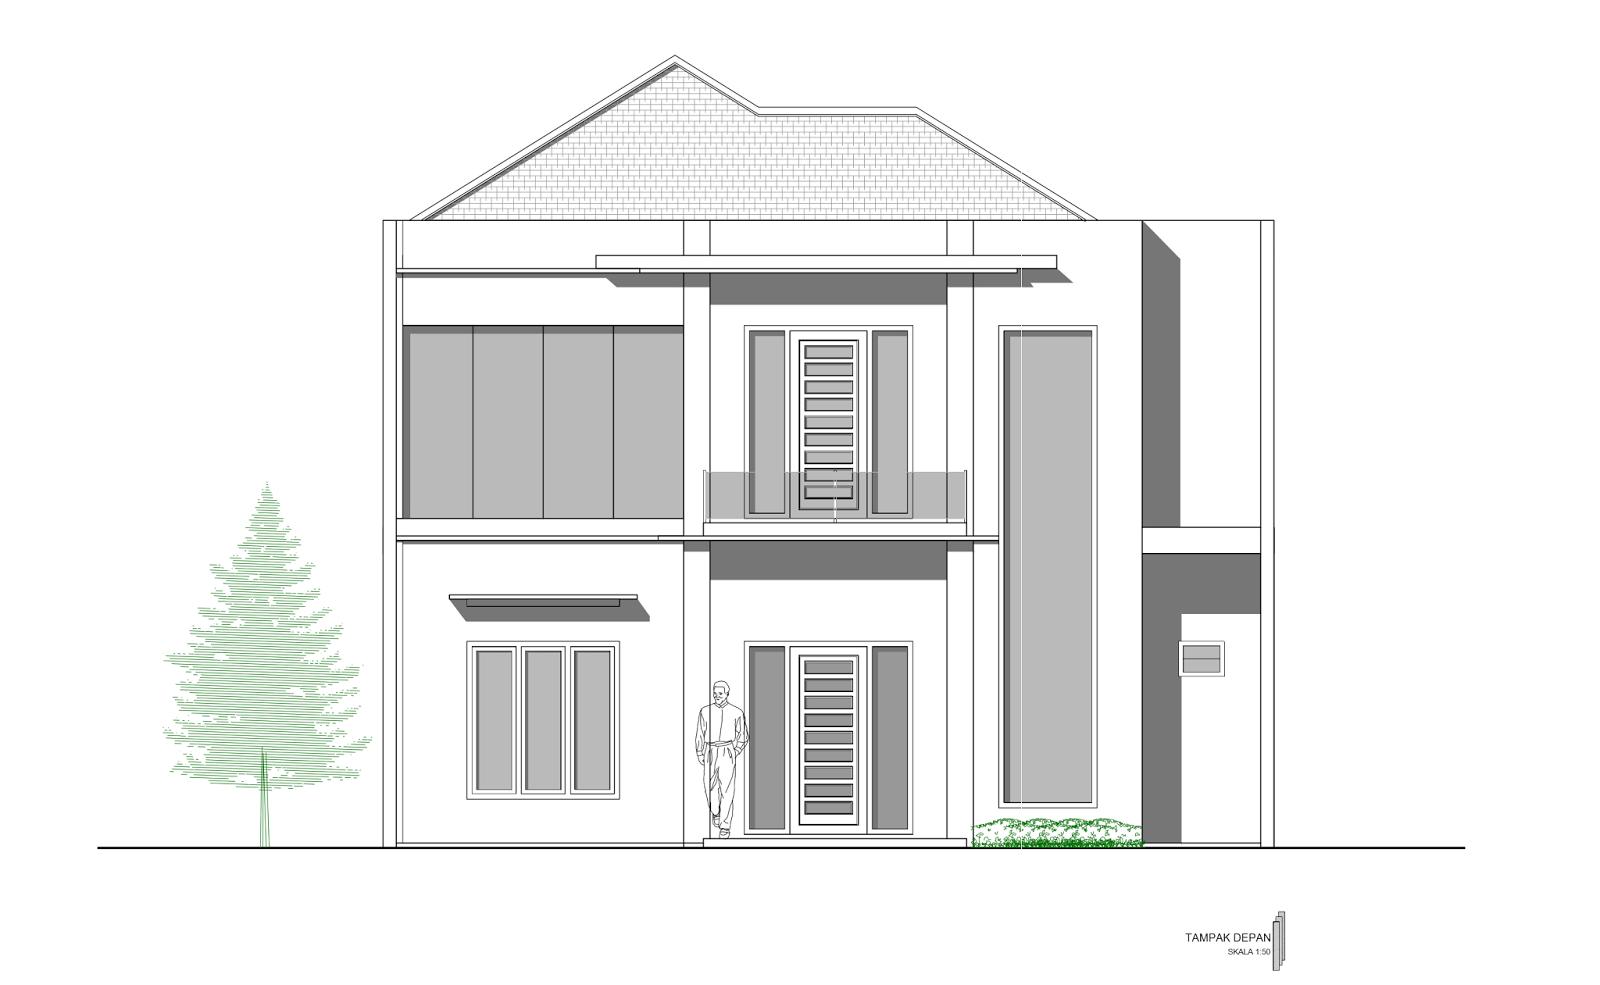 Contoh Gambar Kerja Lengkap Rumah 2 Lantai Mewah Di Yogyakarta